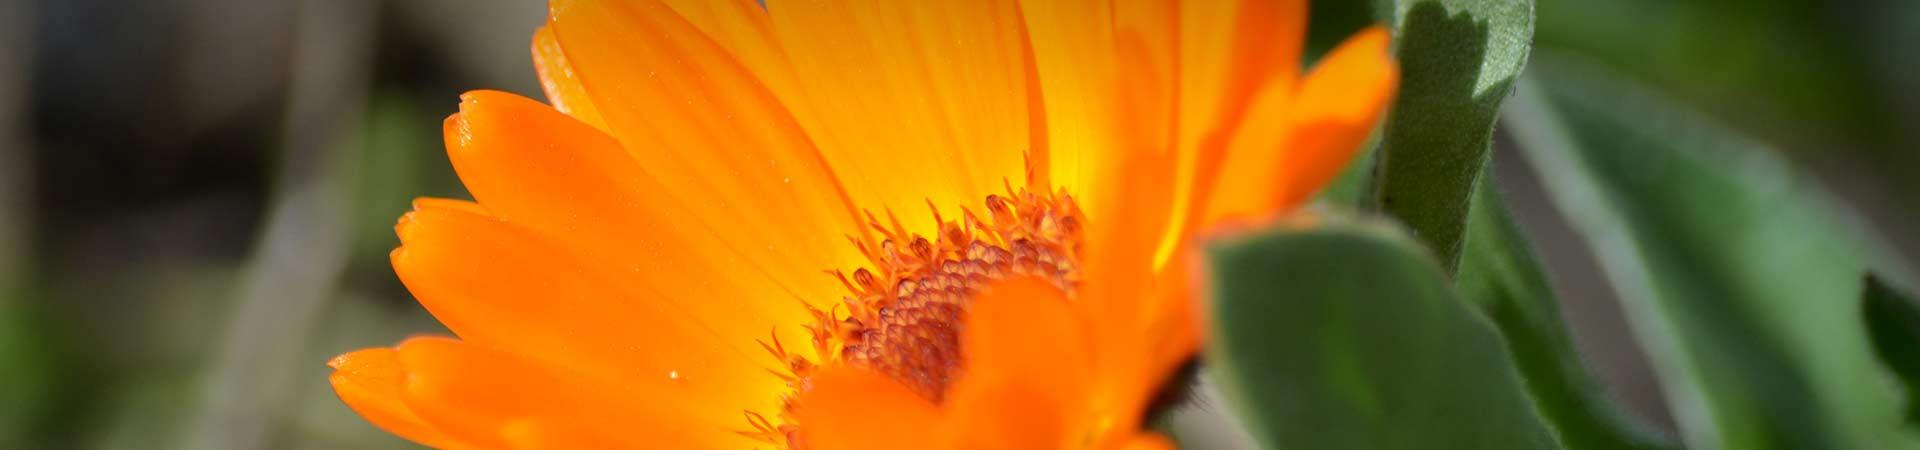 Ringelblume - Persönlich wachsen